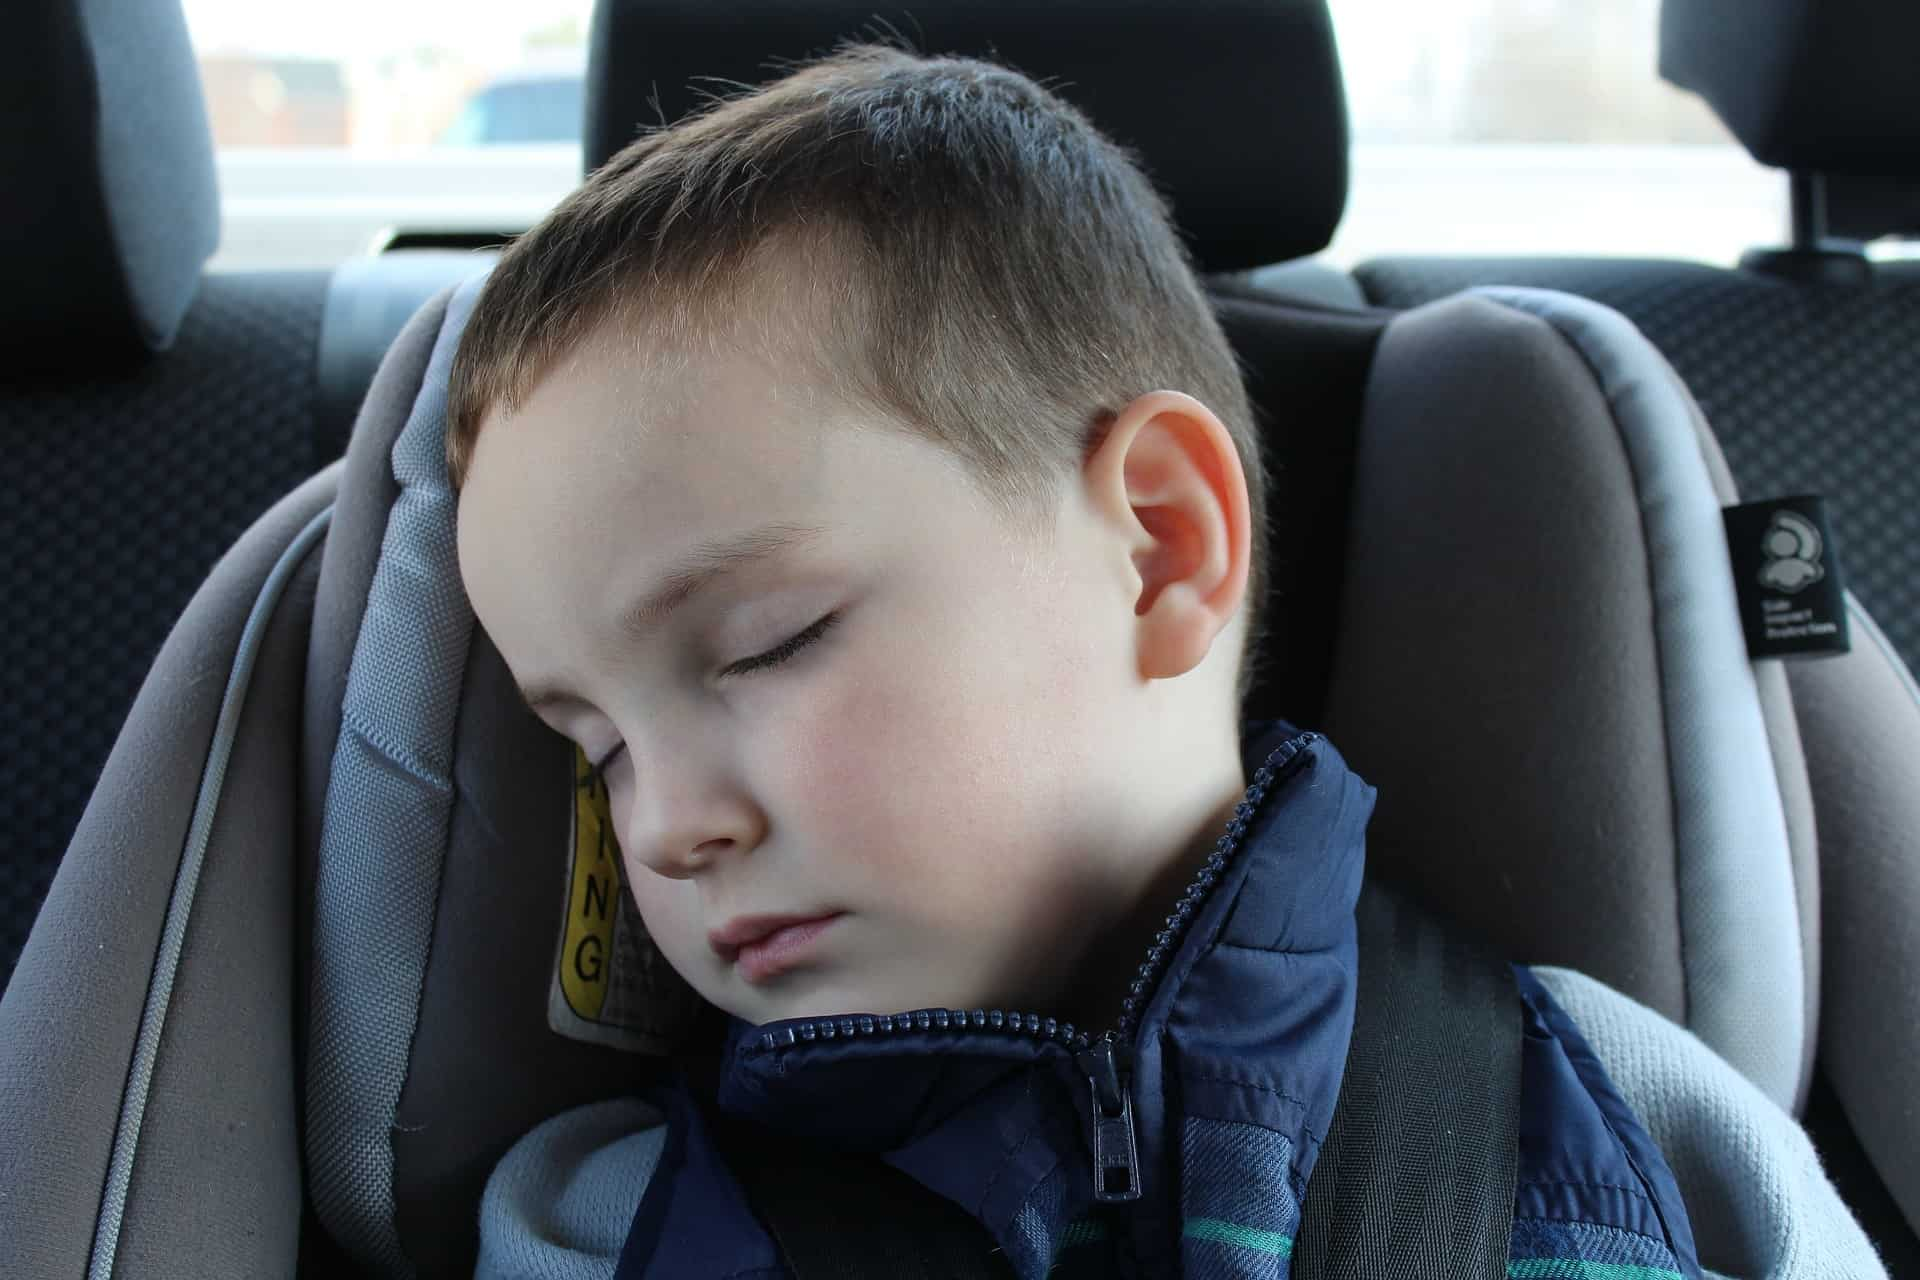 A boy sleeps in a Britax car seat